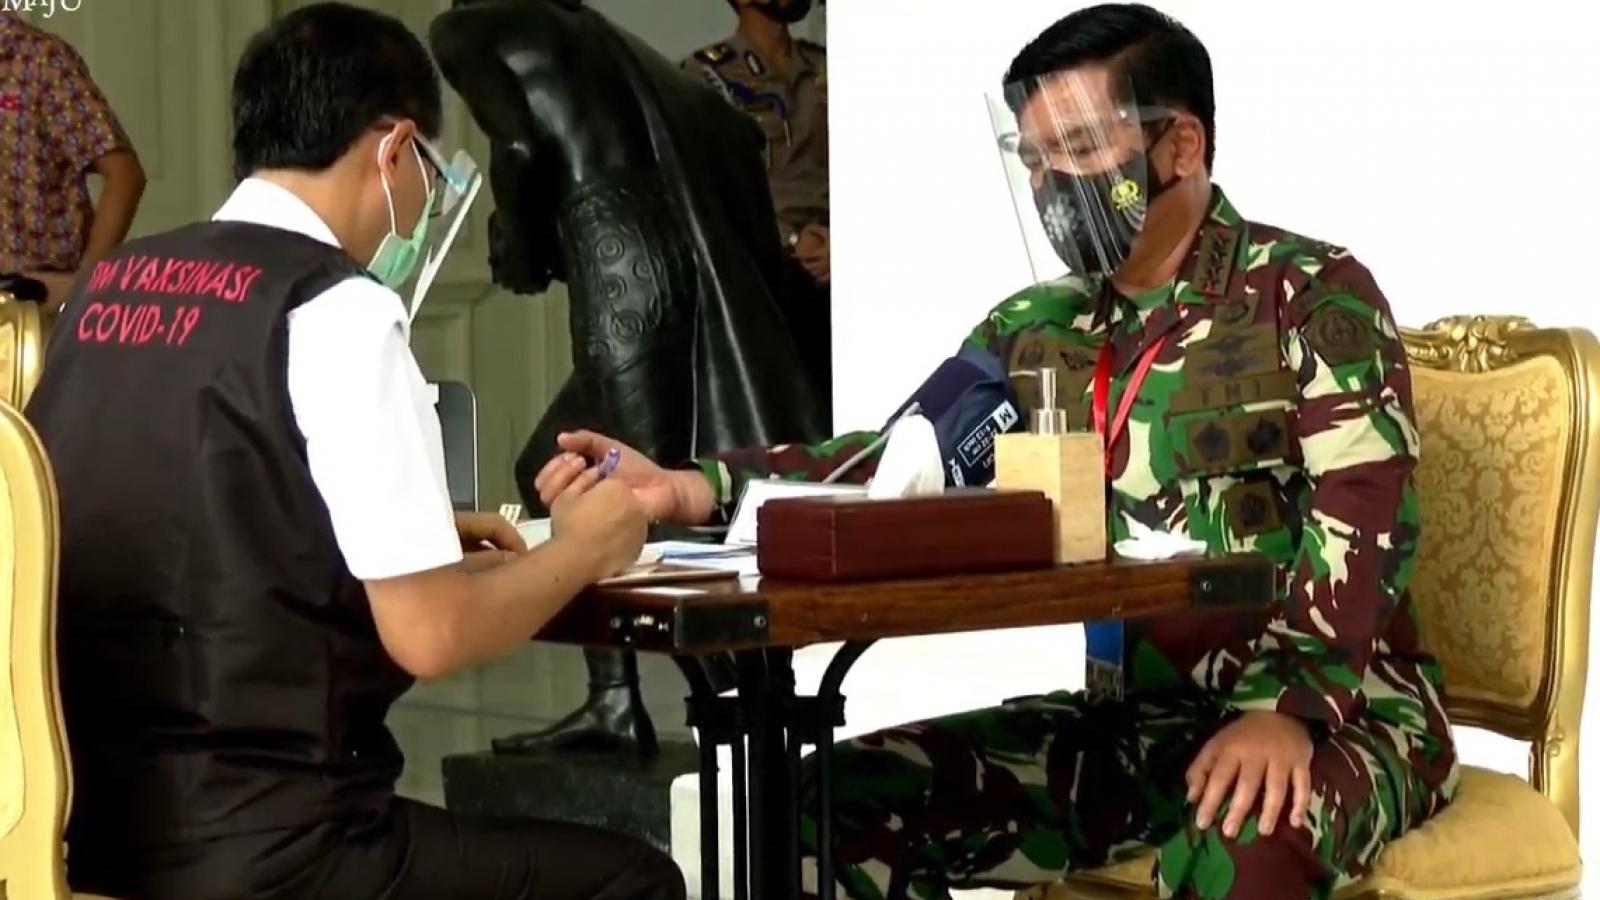 Đông Nam Á chạy đua tiêm chủng ngừa Covid-19 cho hơn 650 triệu dân